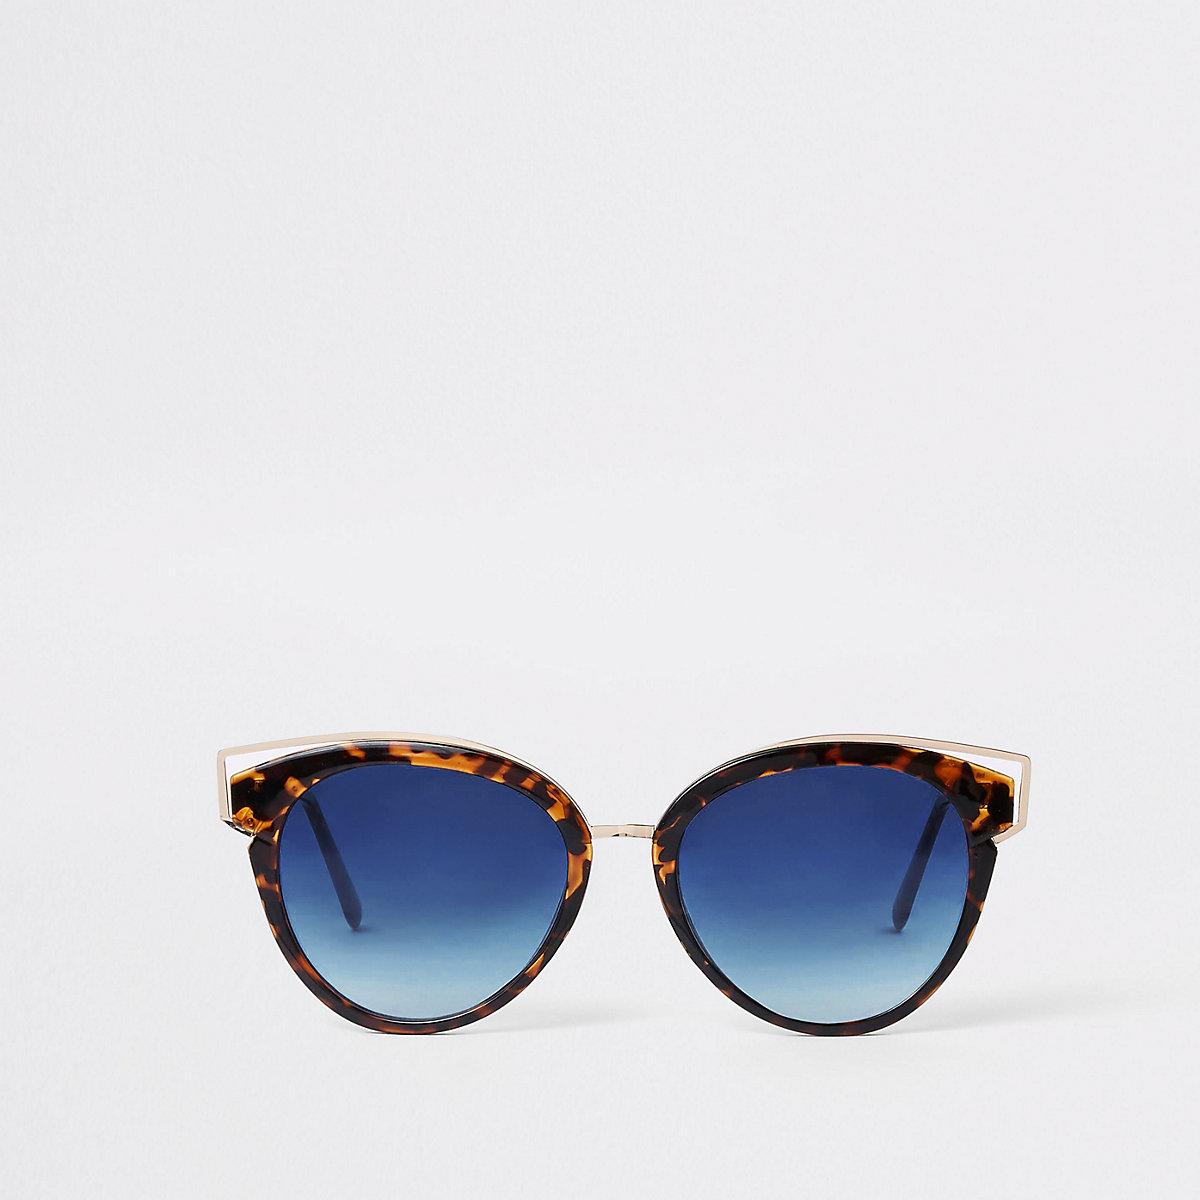 Brown tortoise shell blue lens sunglasses